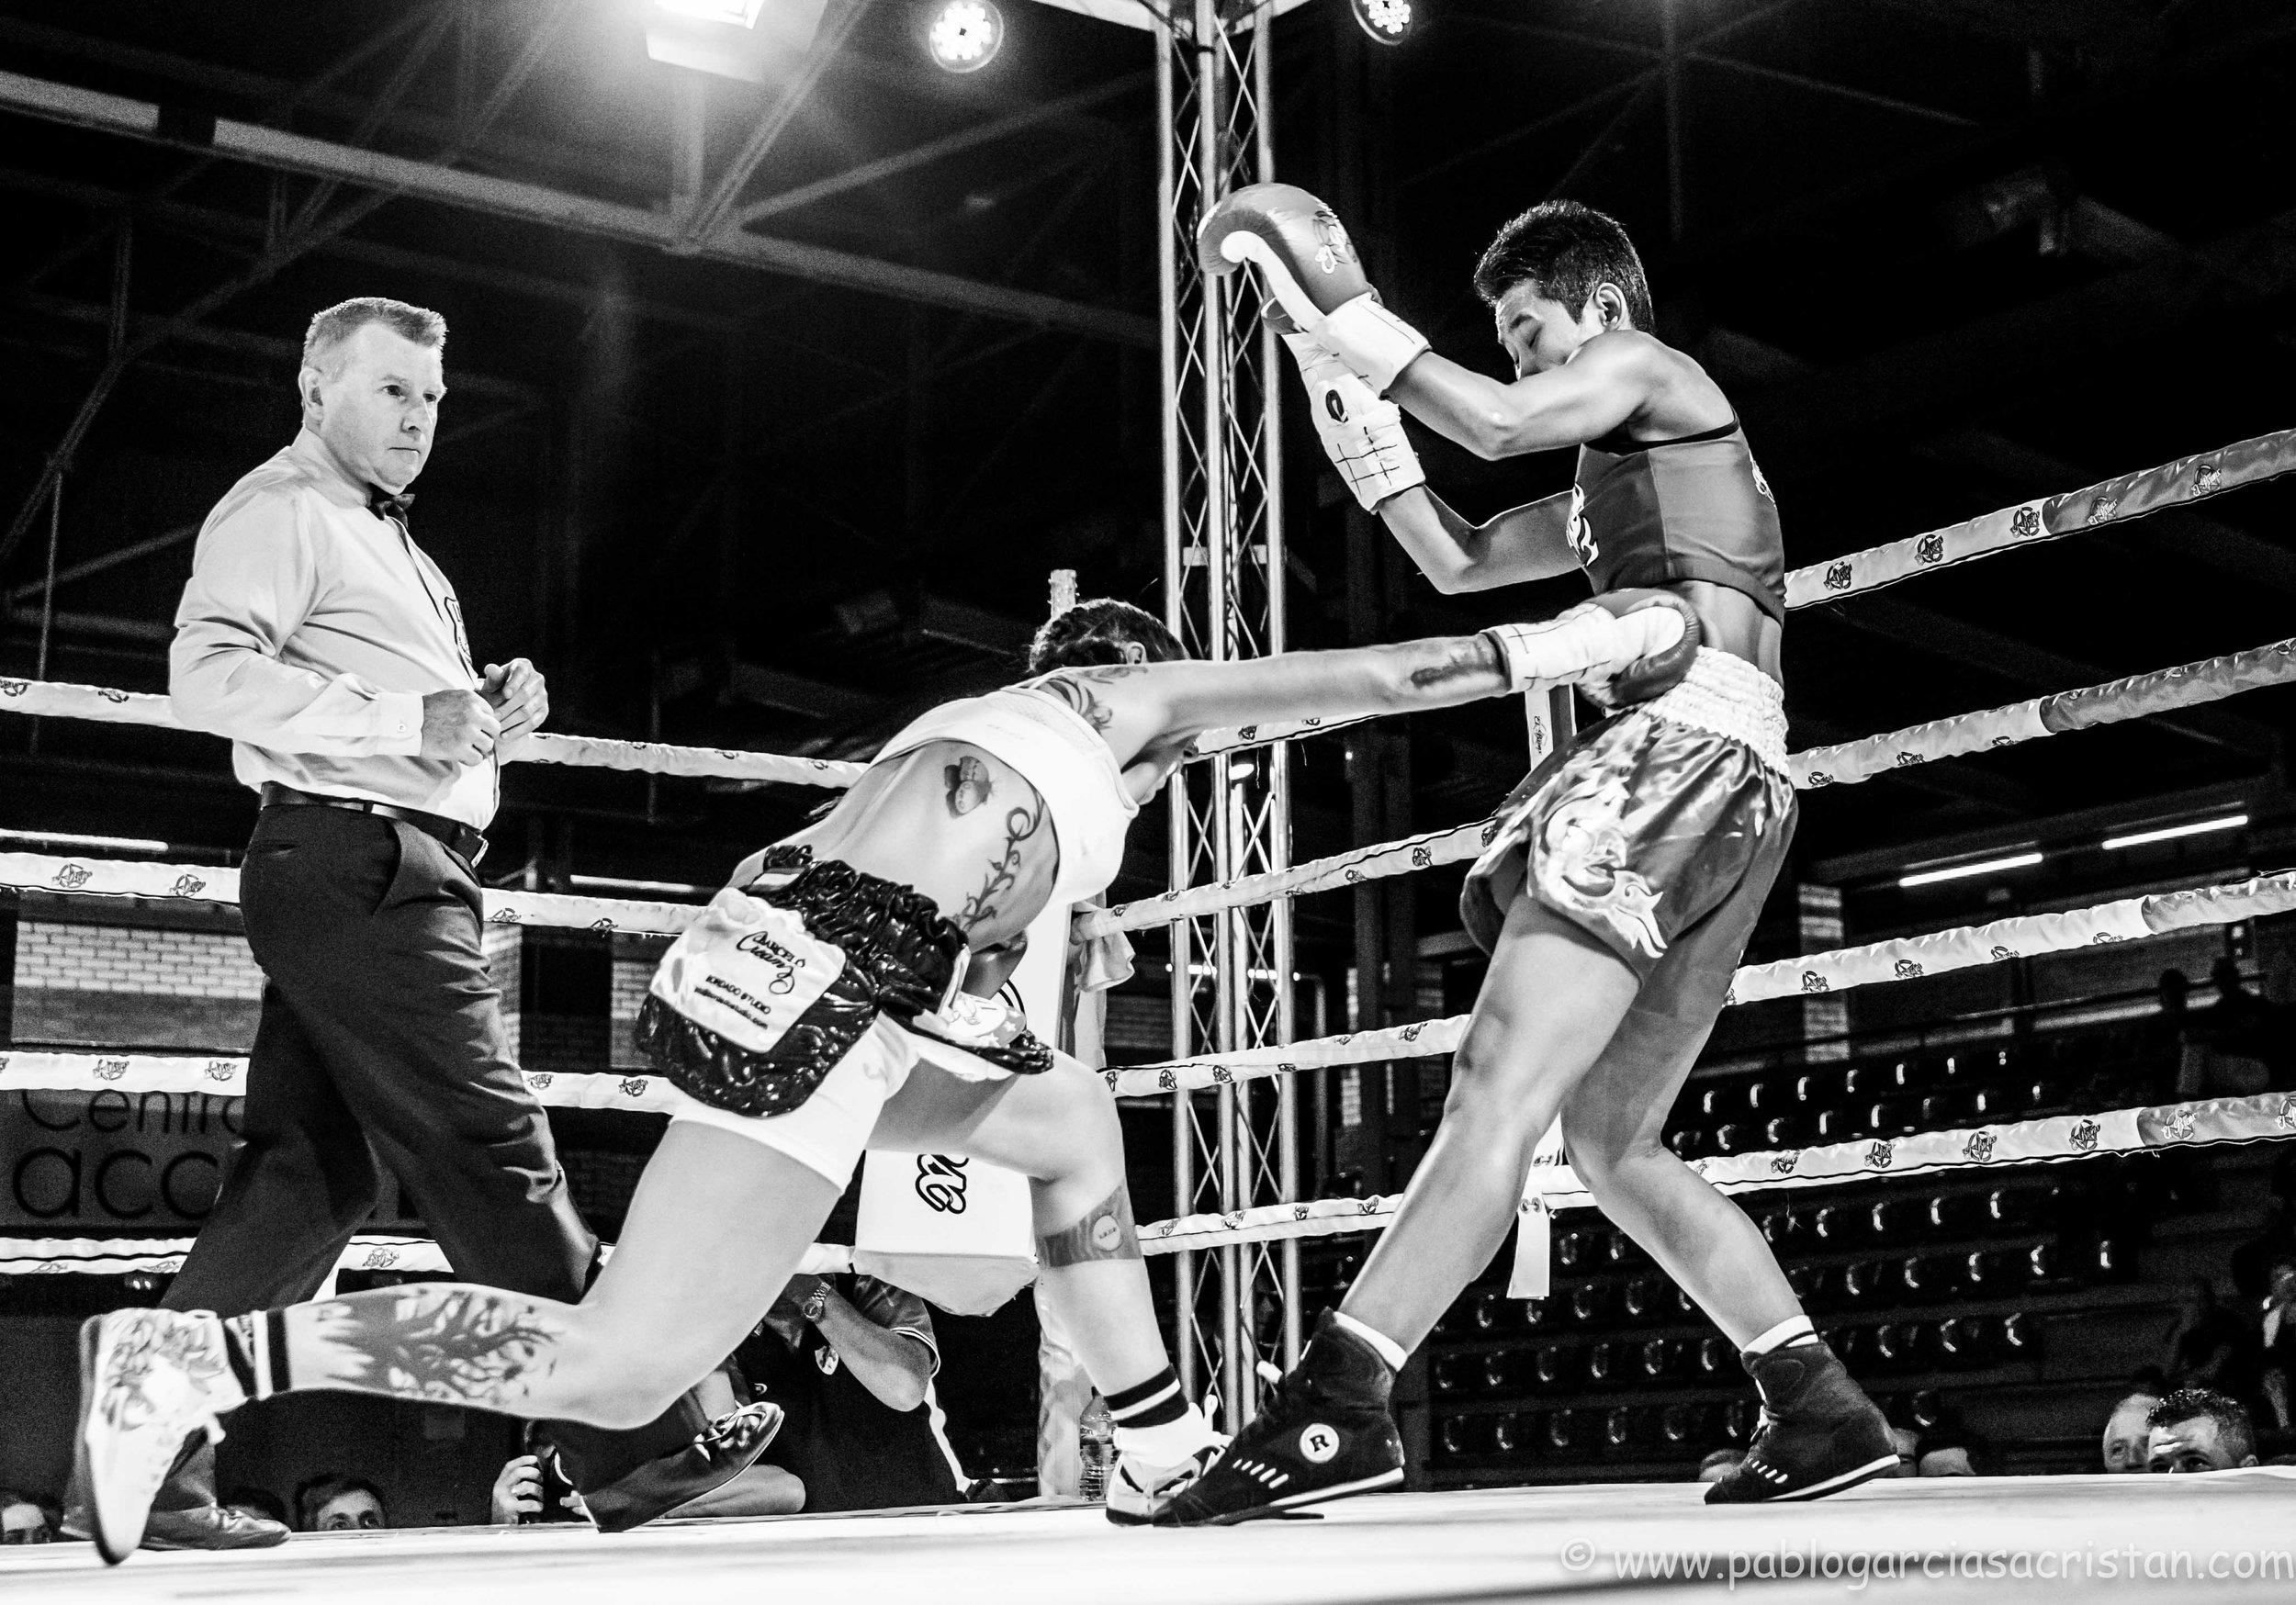 boxeo blanco y negro_13.jpg